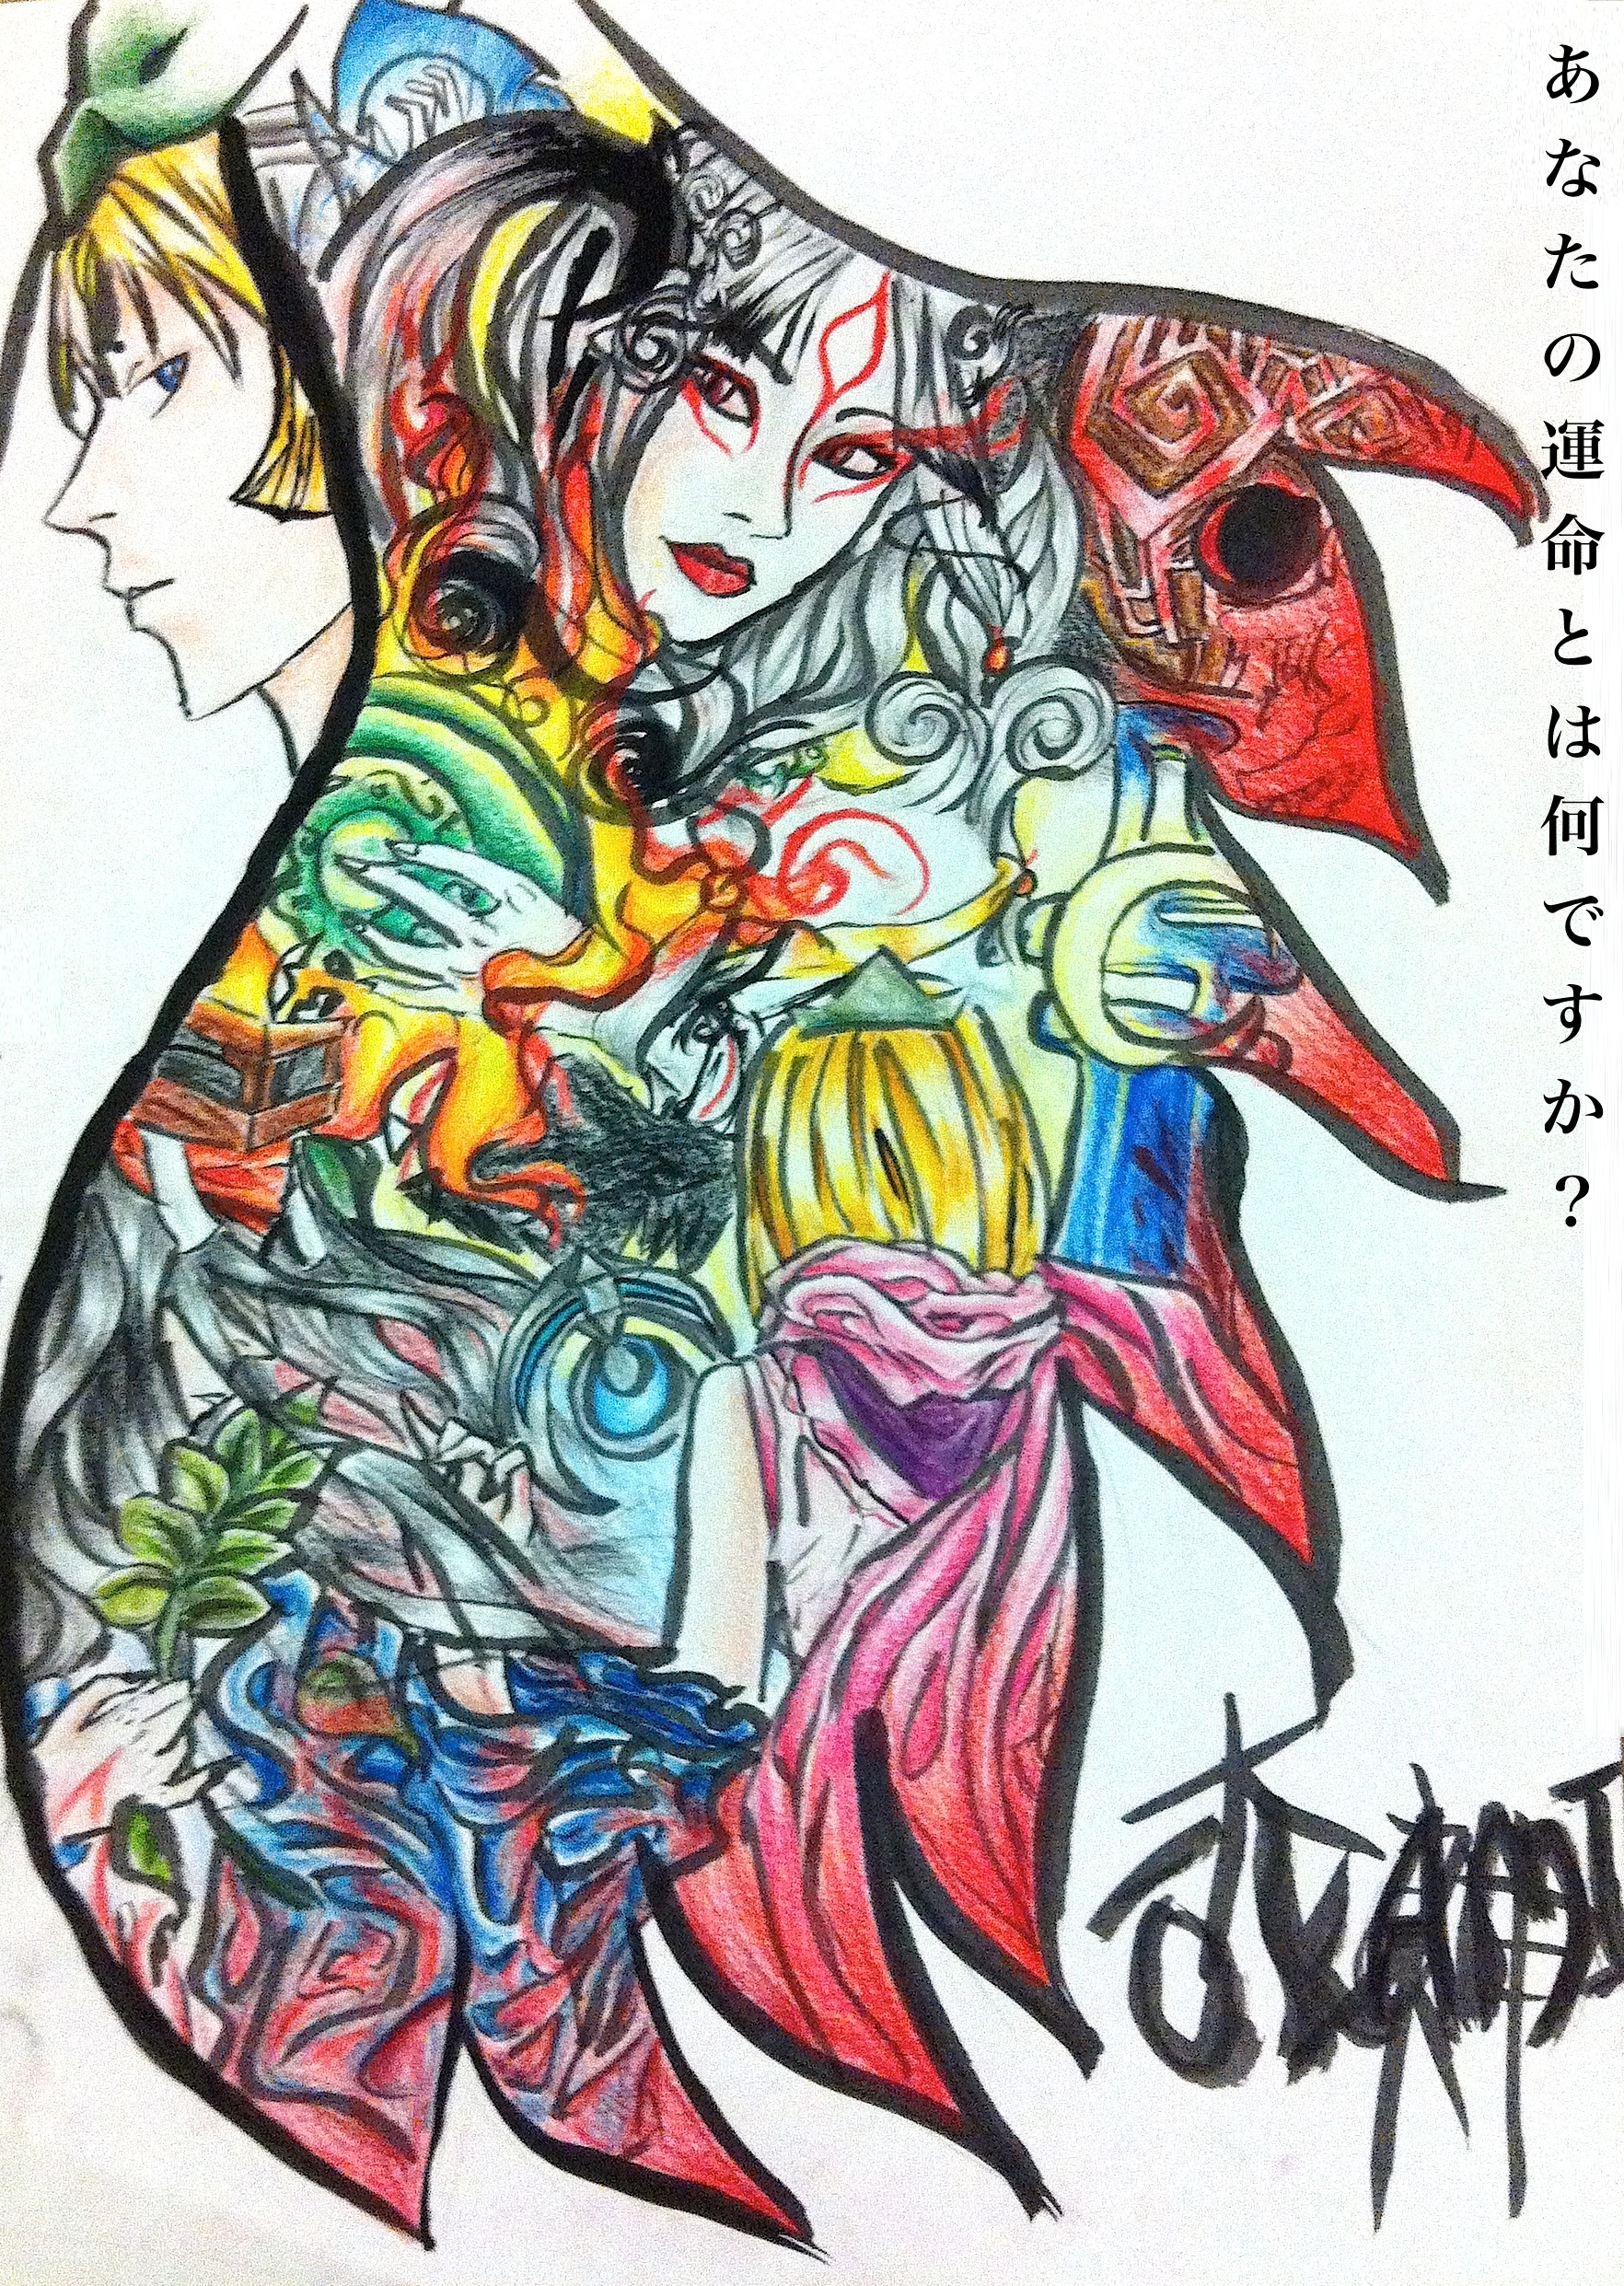 Okami : What's Your Destiny? by Miyonosuke